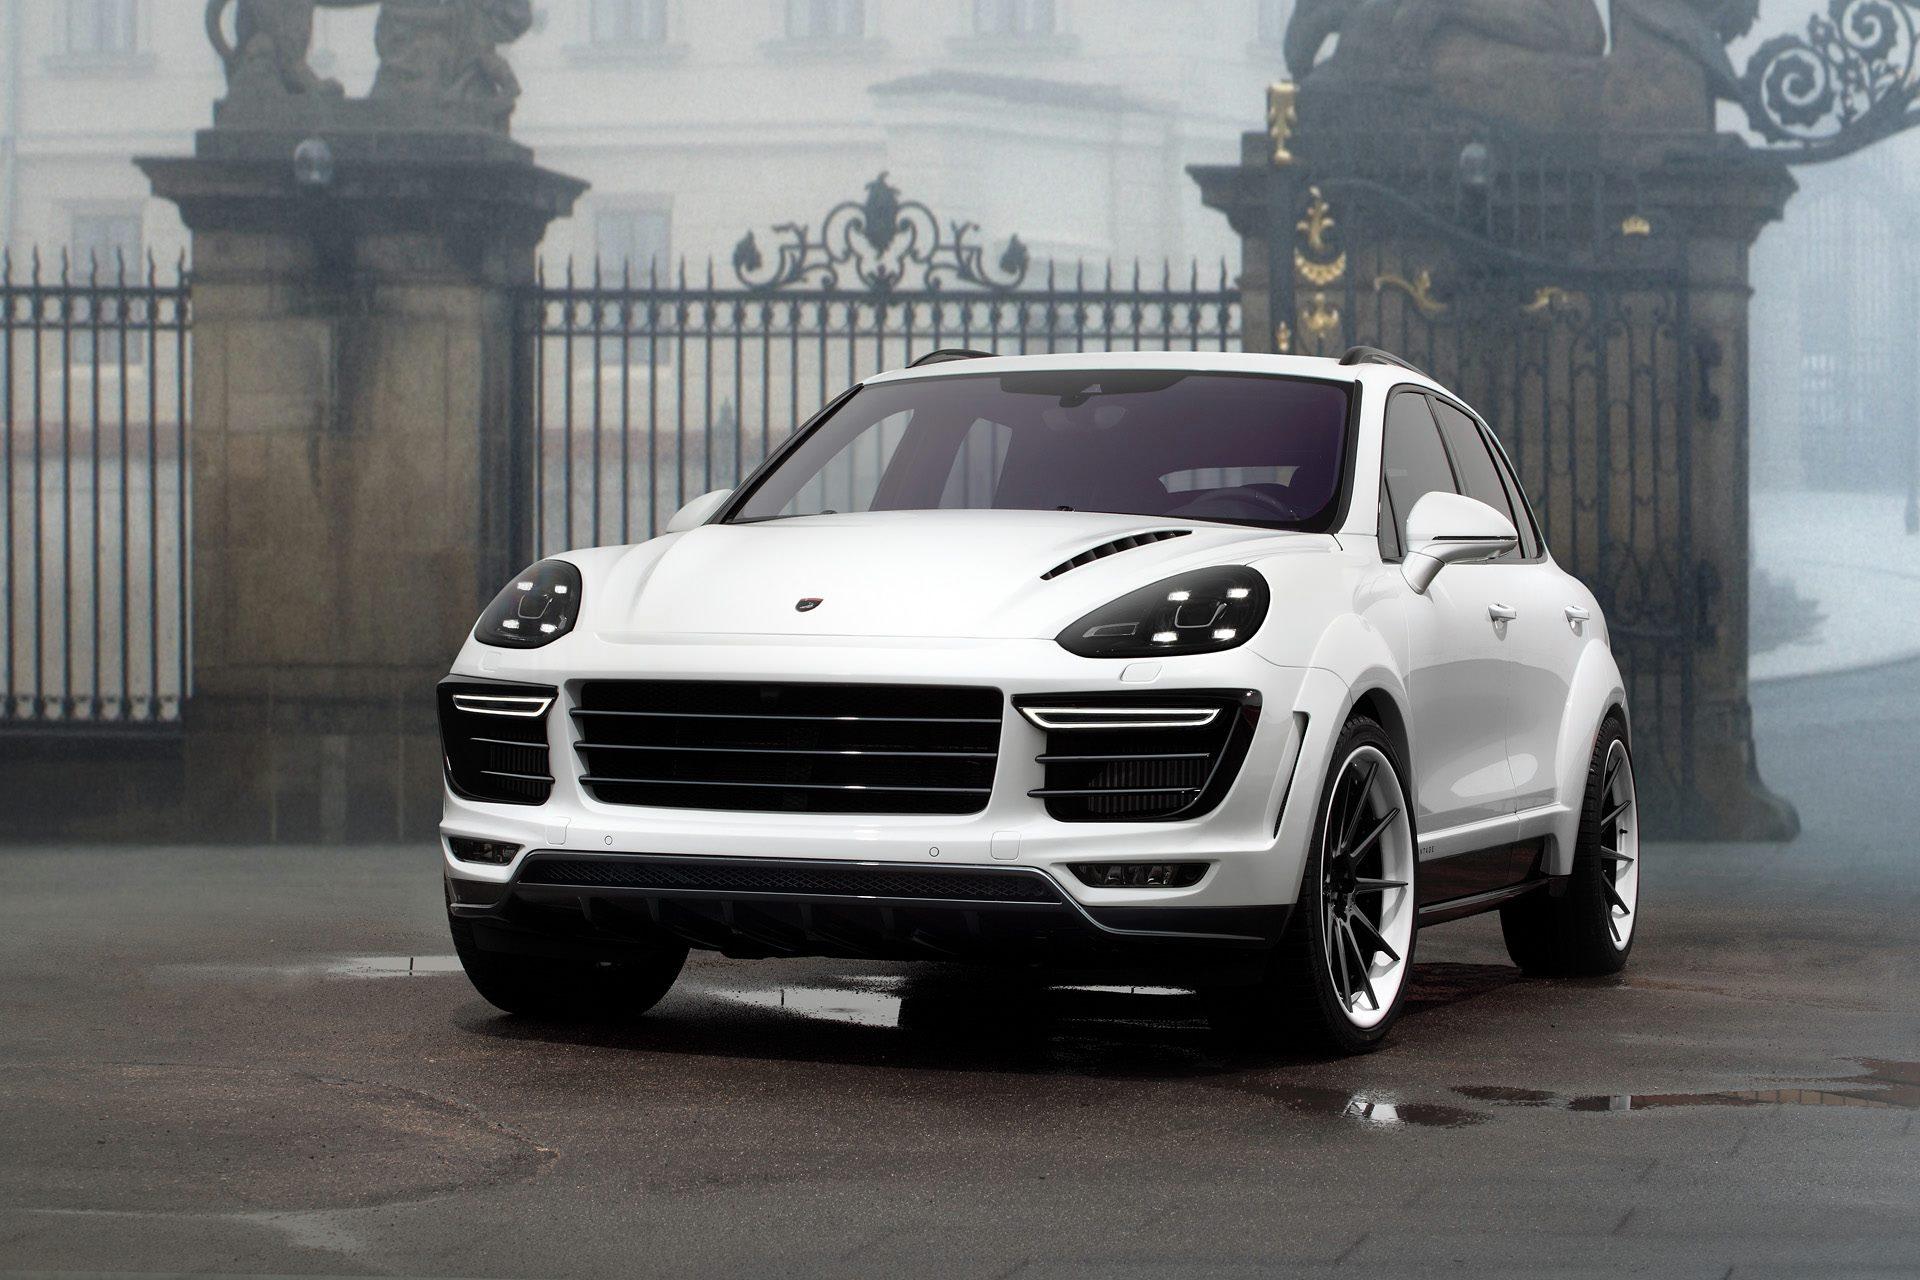 White Porsche Cayenne Vantage By Topcar